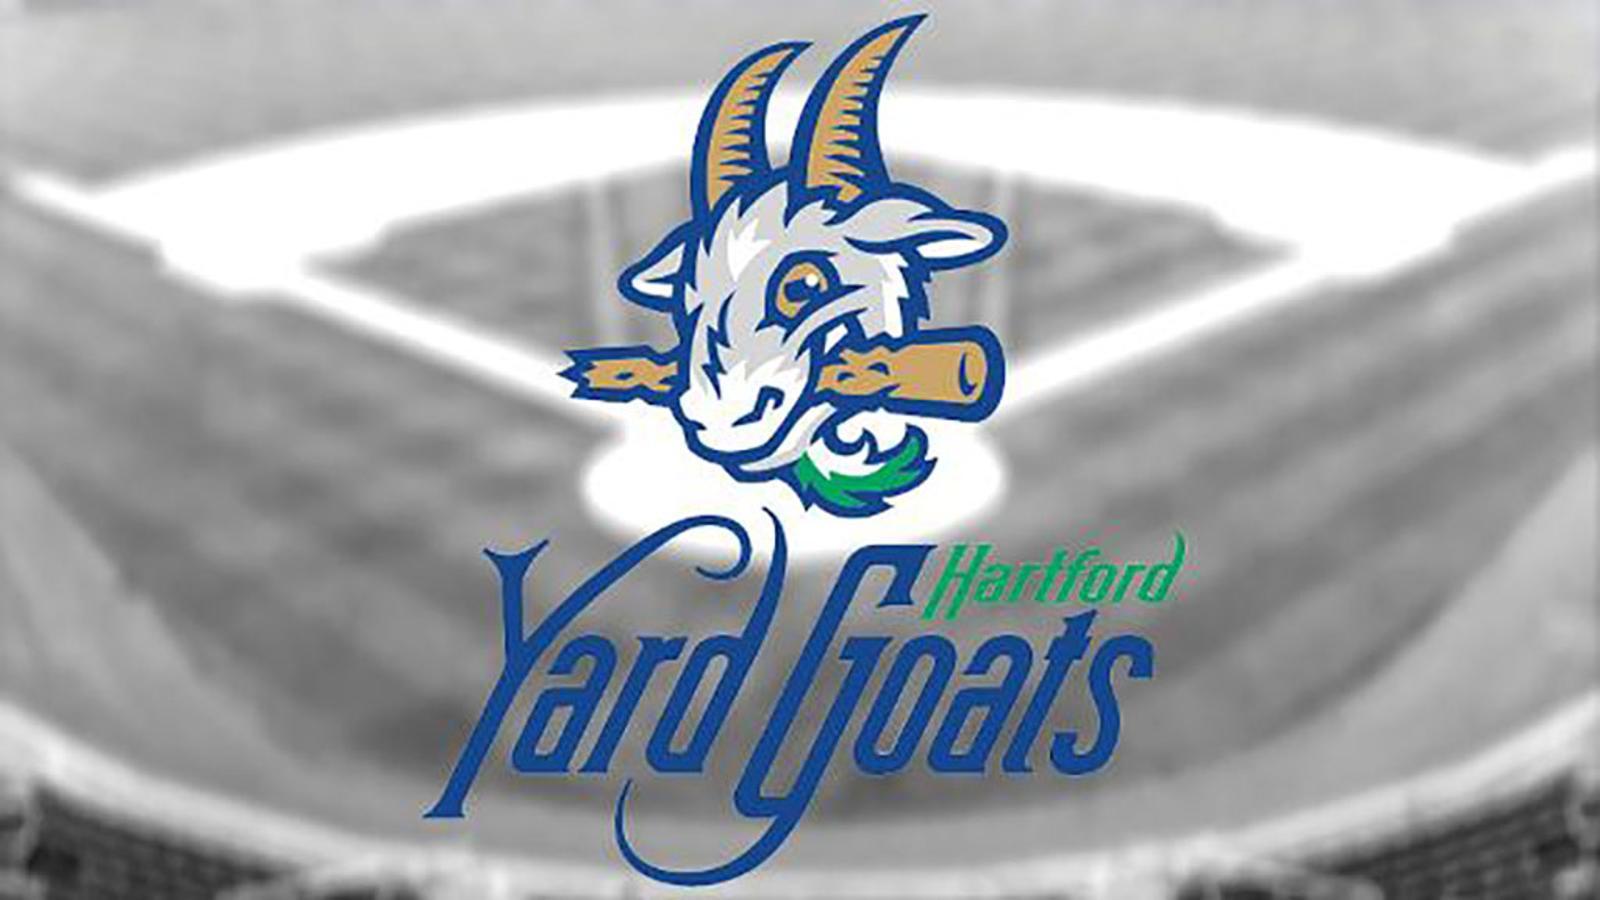 yard_goats_960a_f2dae952_6t806tmy_cc789r4t_1nzvglsc